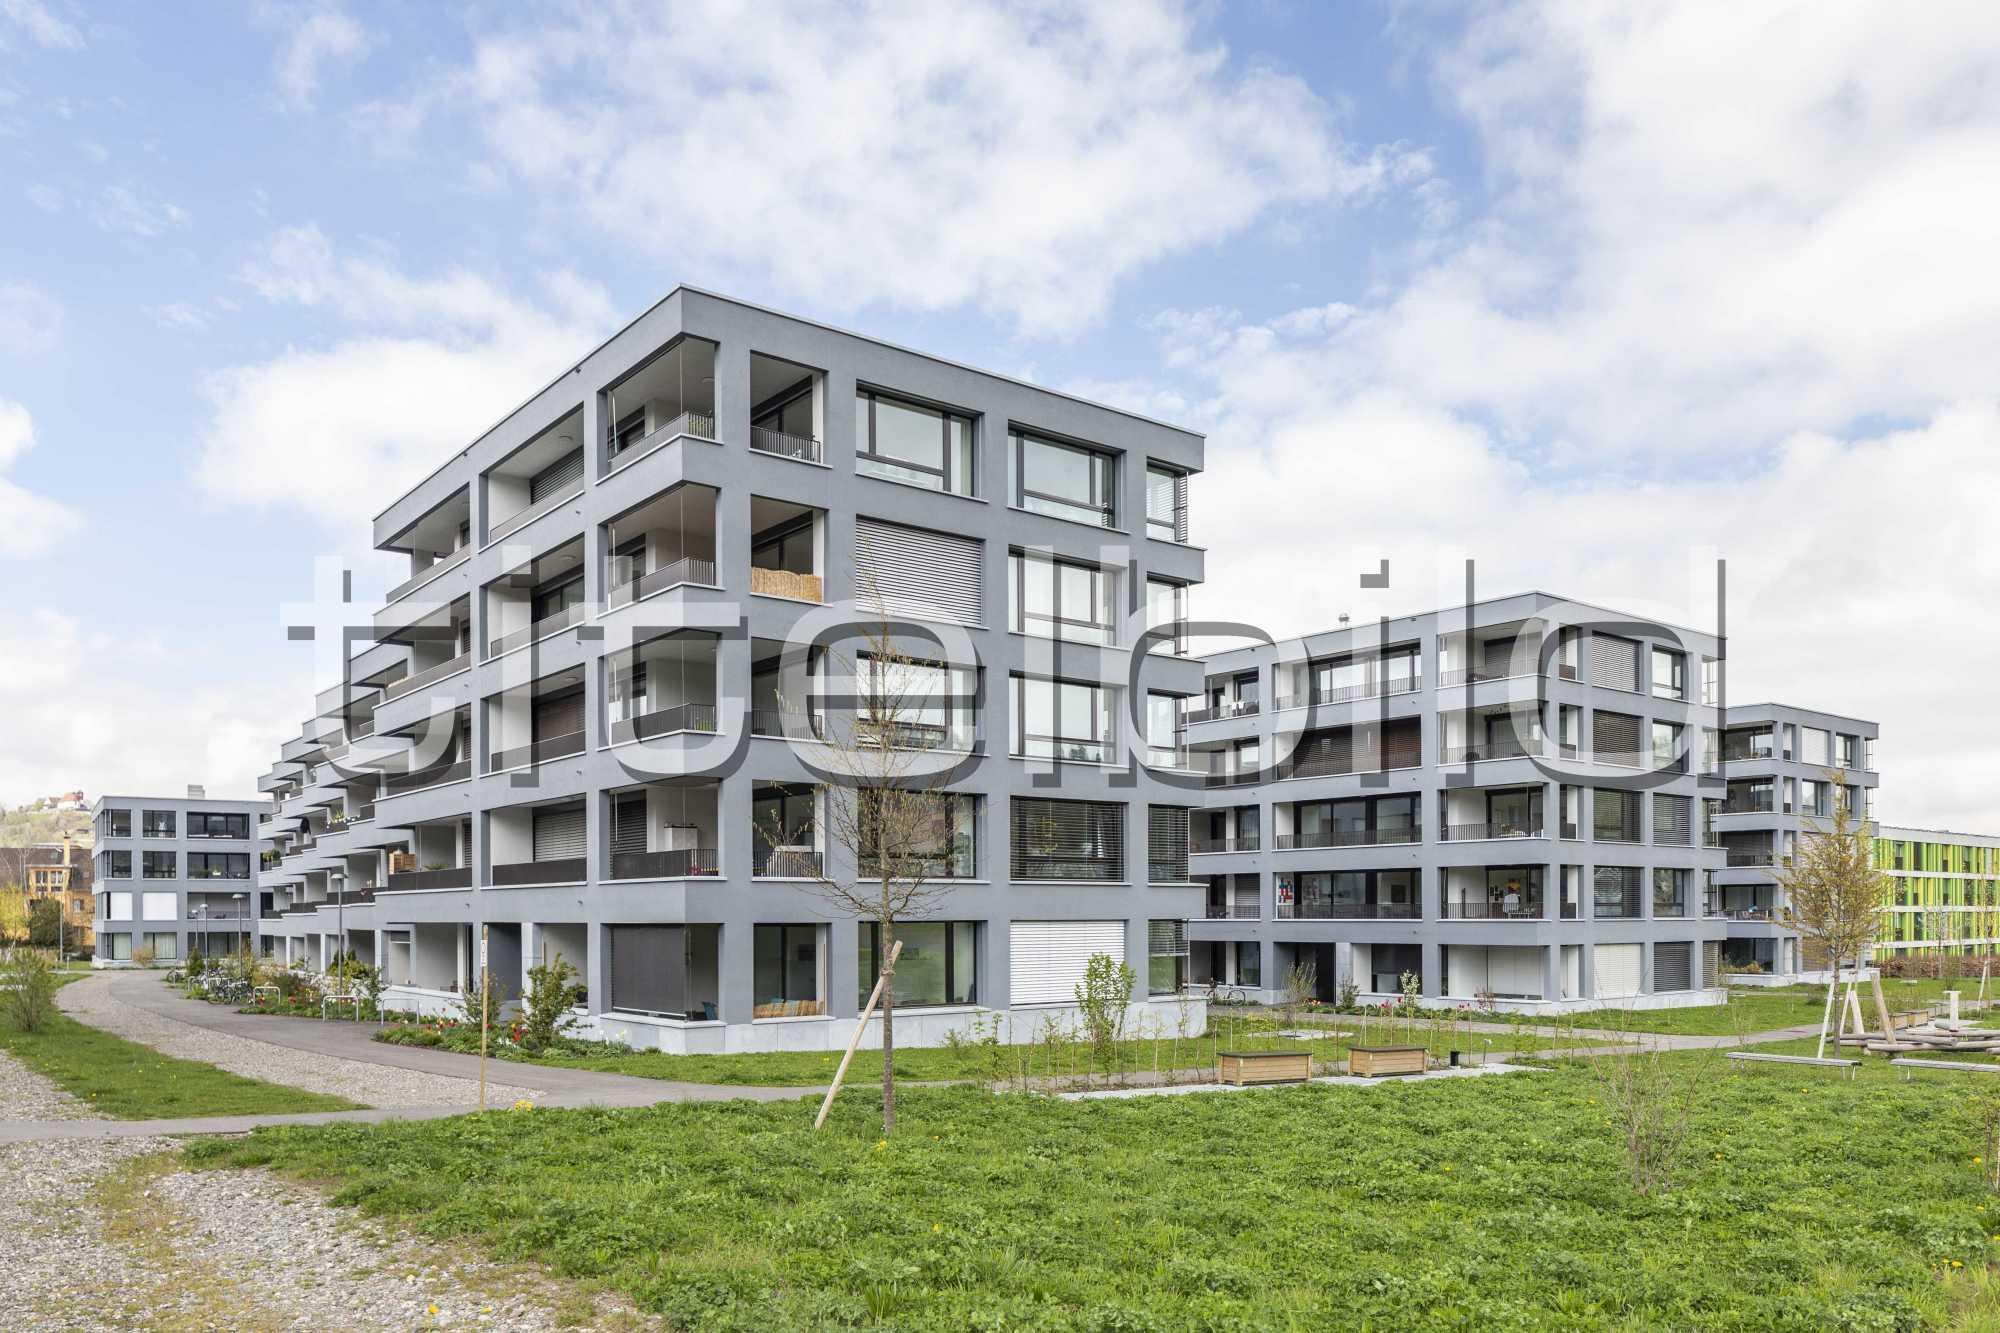 Projektbild-Nr. 7: Am Widmipark Wohnbebauung Widmi 2